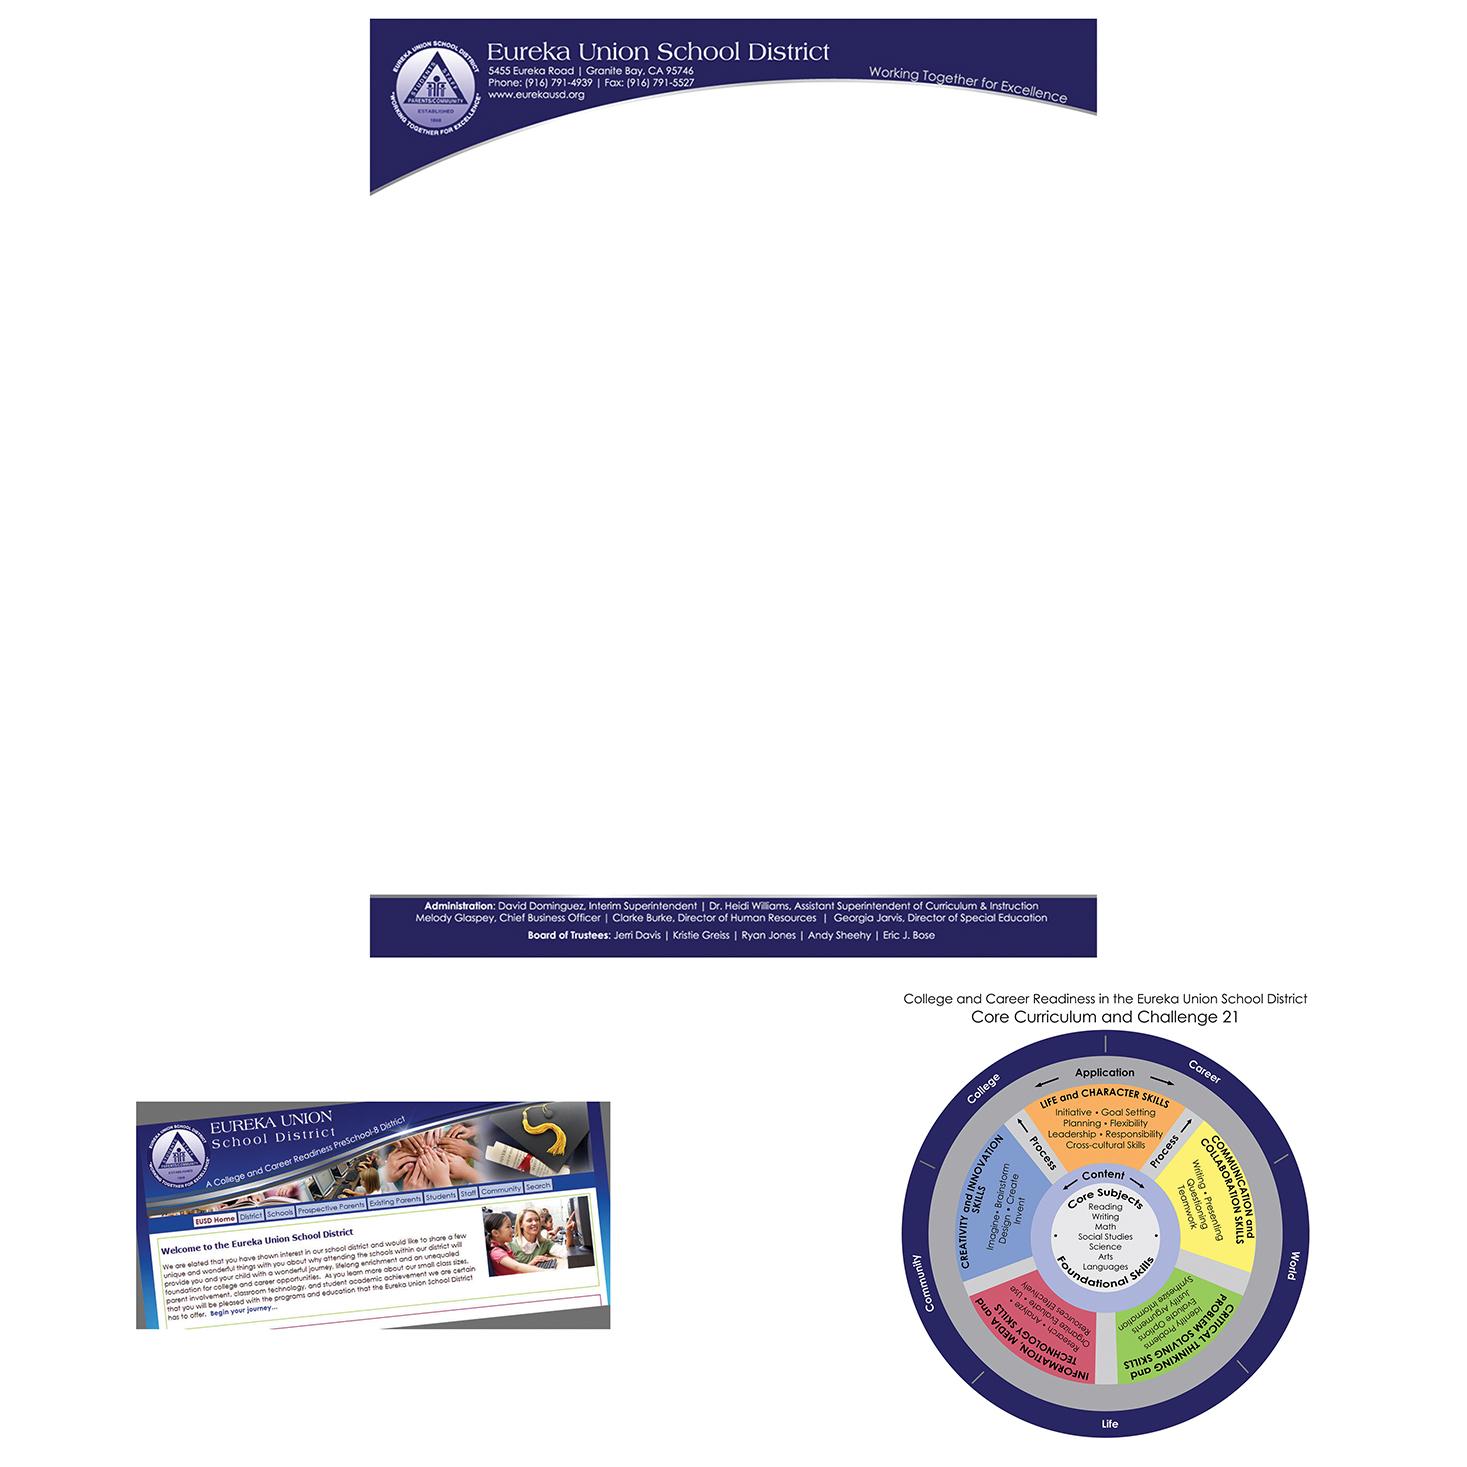 EUSD-Branding_WEB.jpg